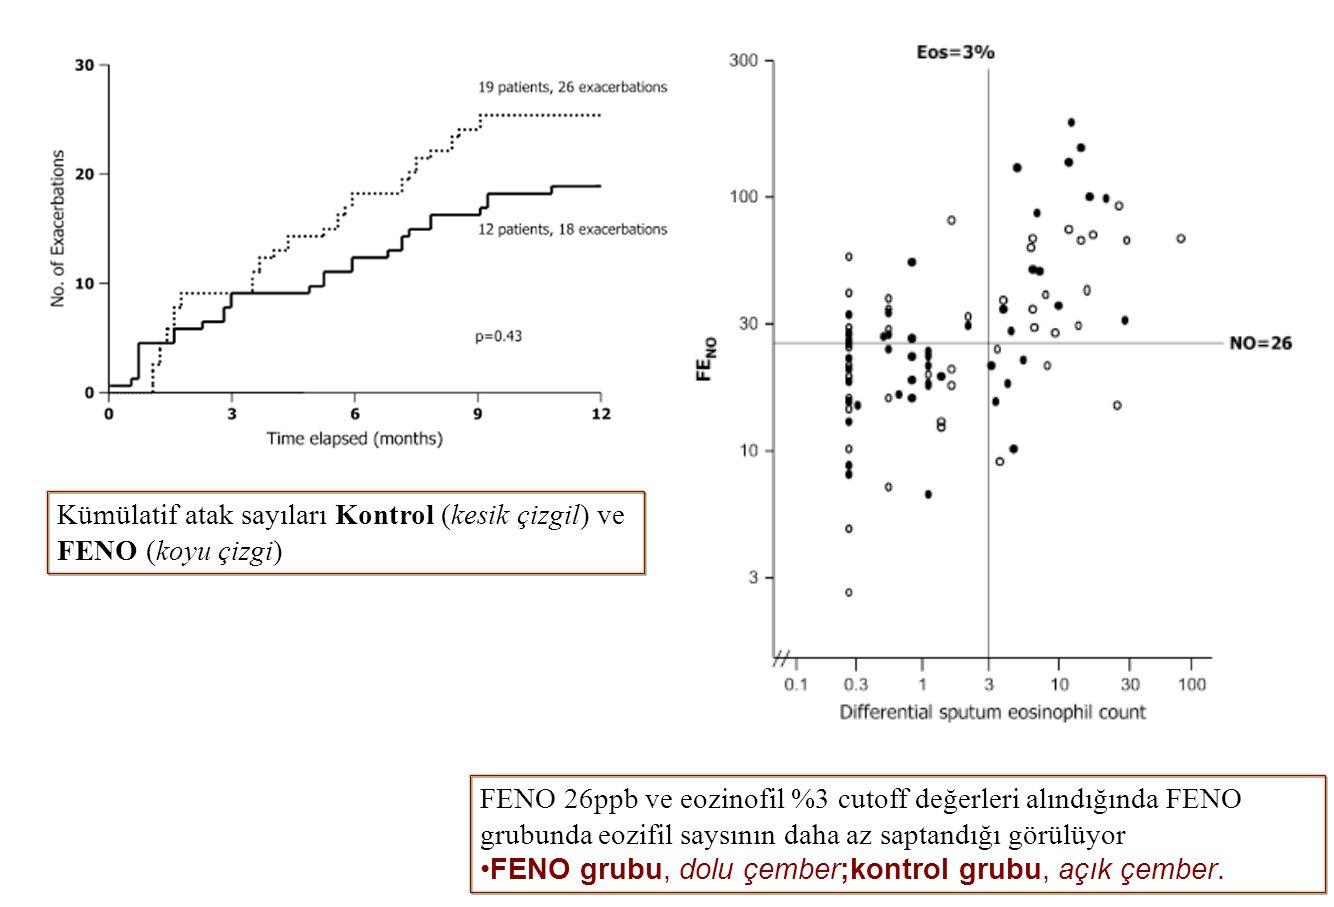 Kümülatif atak sayıları Kontrol (kesik çizgil) ve FENO (koyu çizgi) FENO 26ppb ve eozinofil %3 cutoff değerleri alındığında FENO grubunda eozifil says